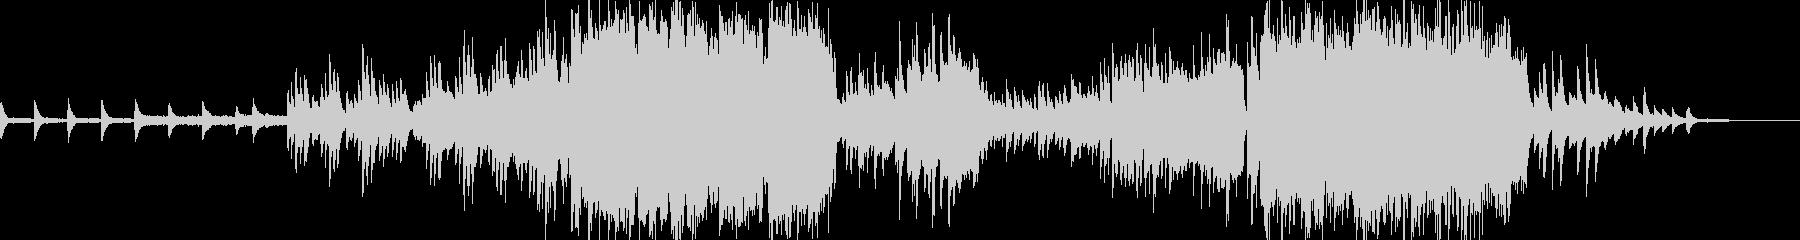 ピアノとストリングスの映像用バラードの未再生の波形